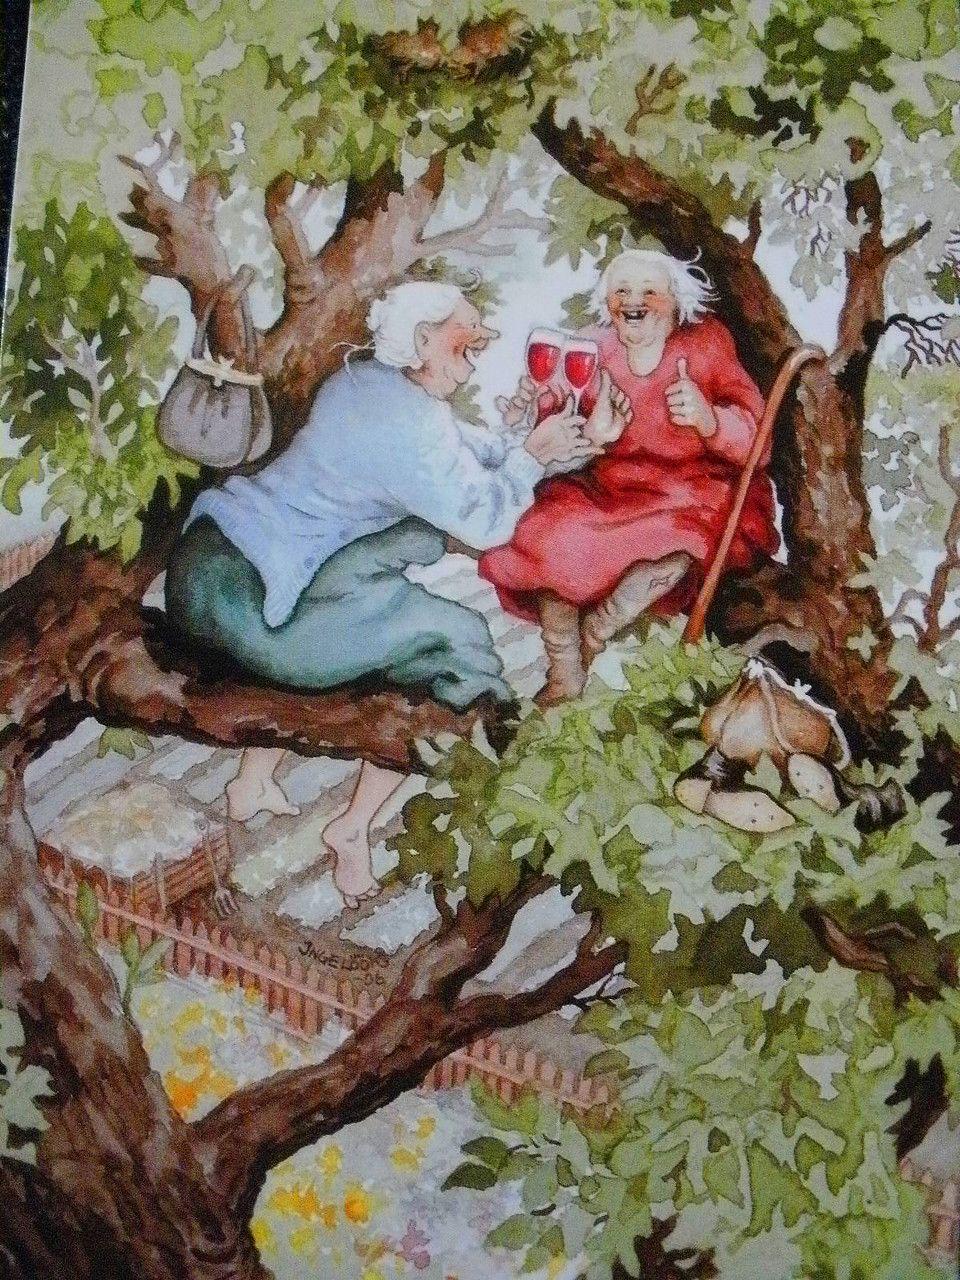 картинки финской художницы инге лоок что связано просто